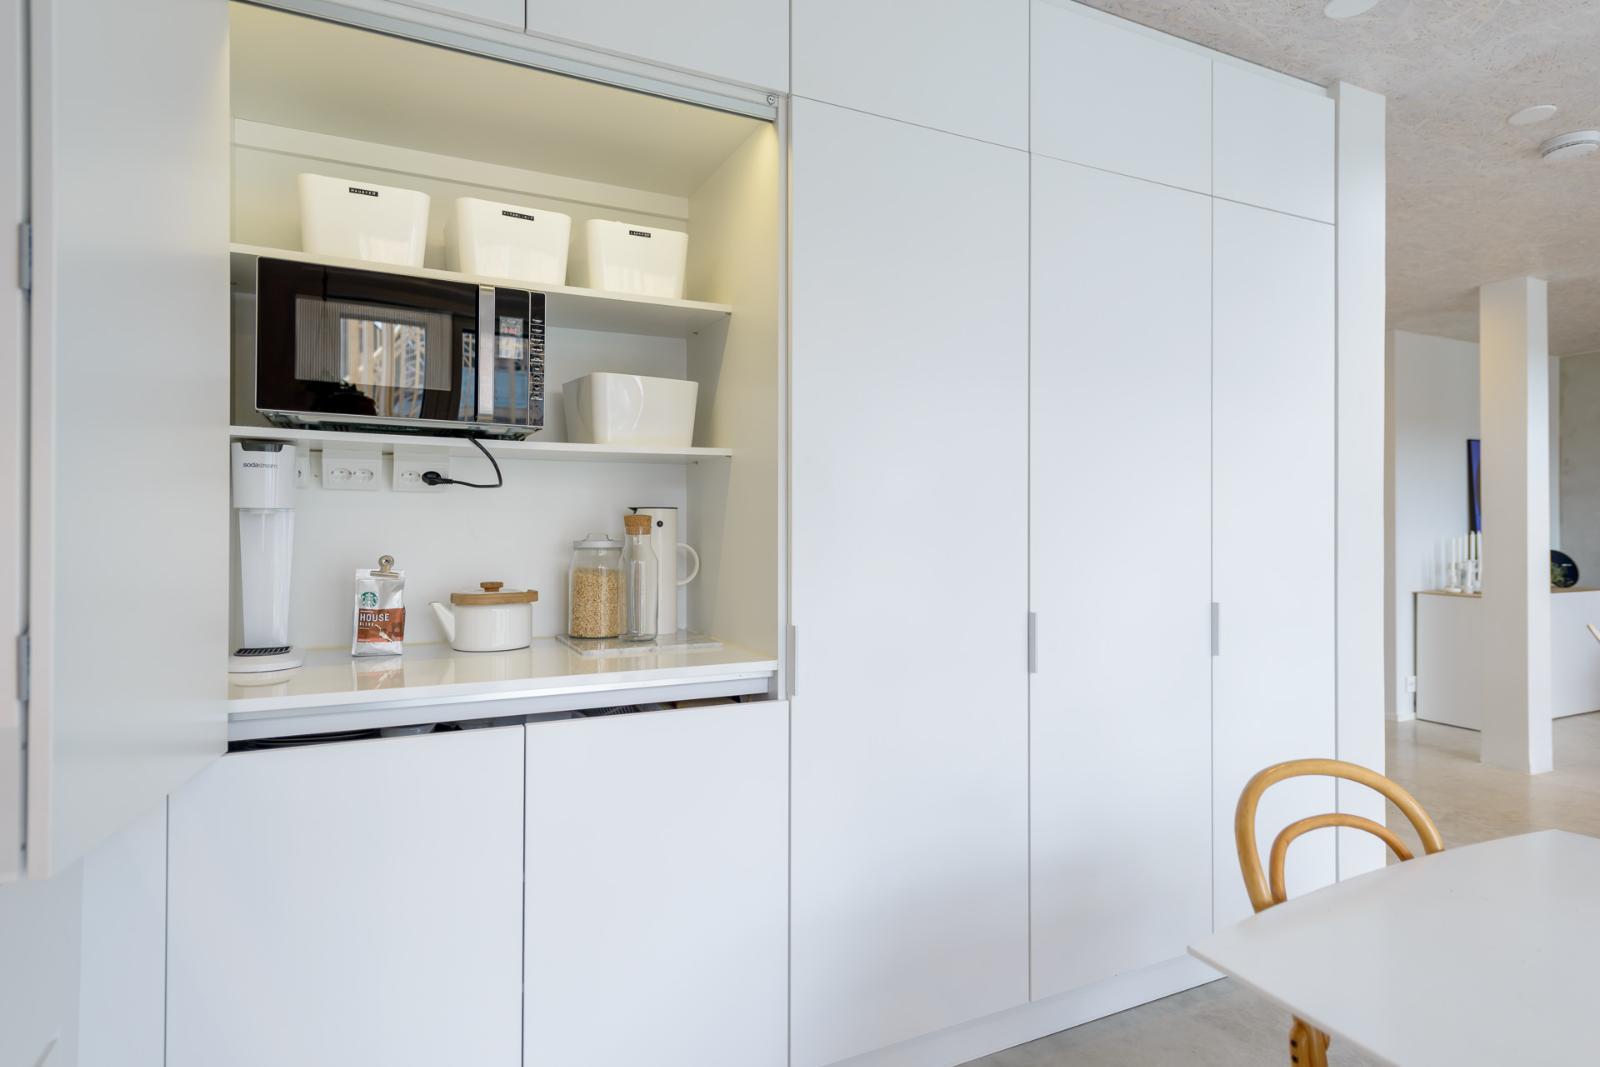 Kätevä aamiaiskaappi keittiössä  Etuovi com Ideat & vinkit